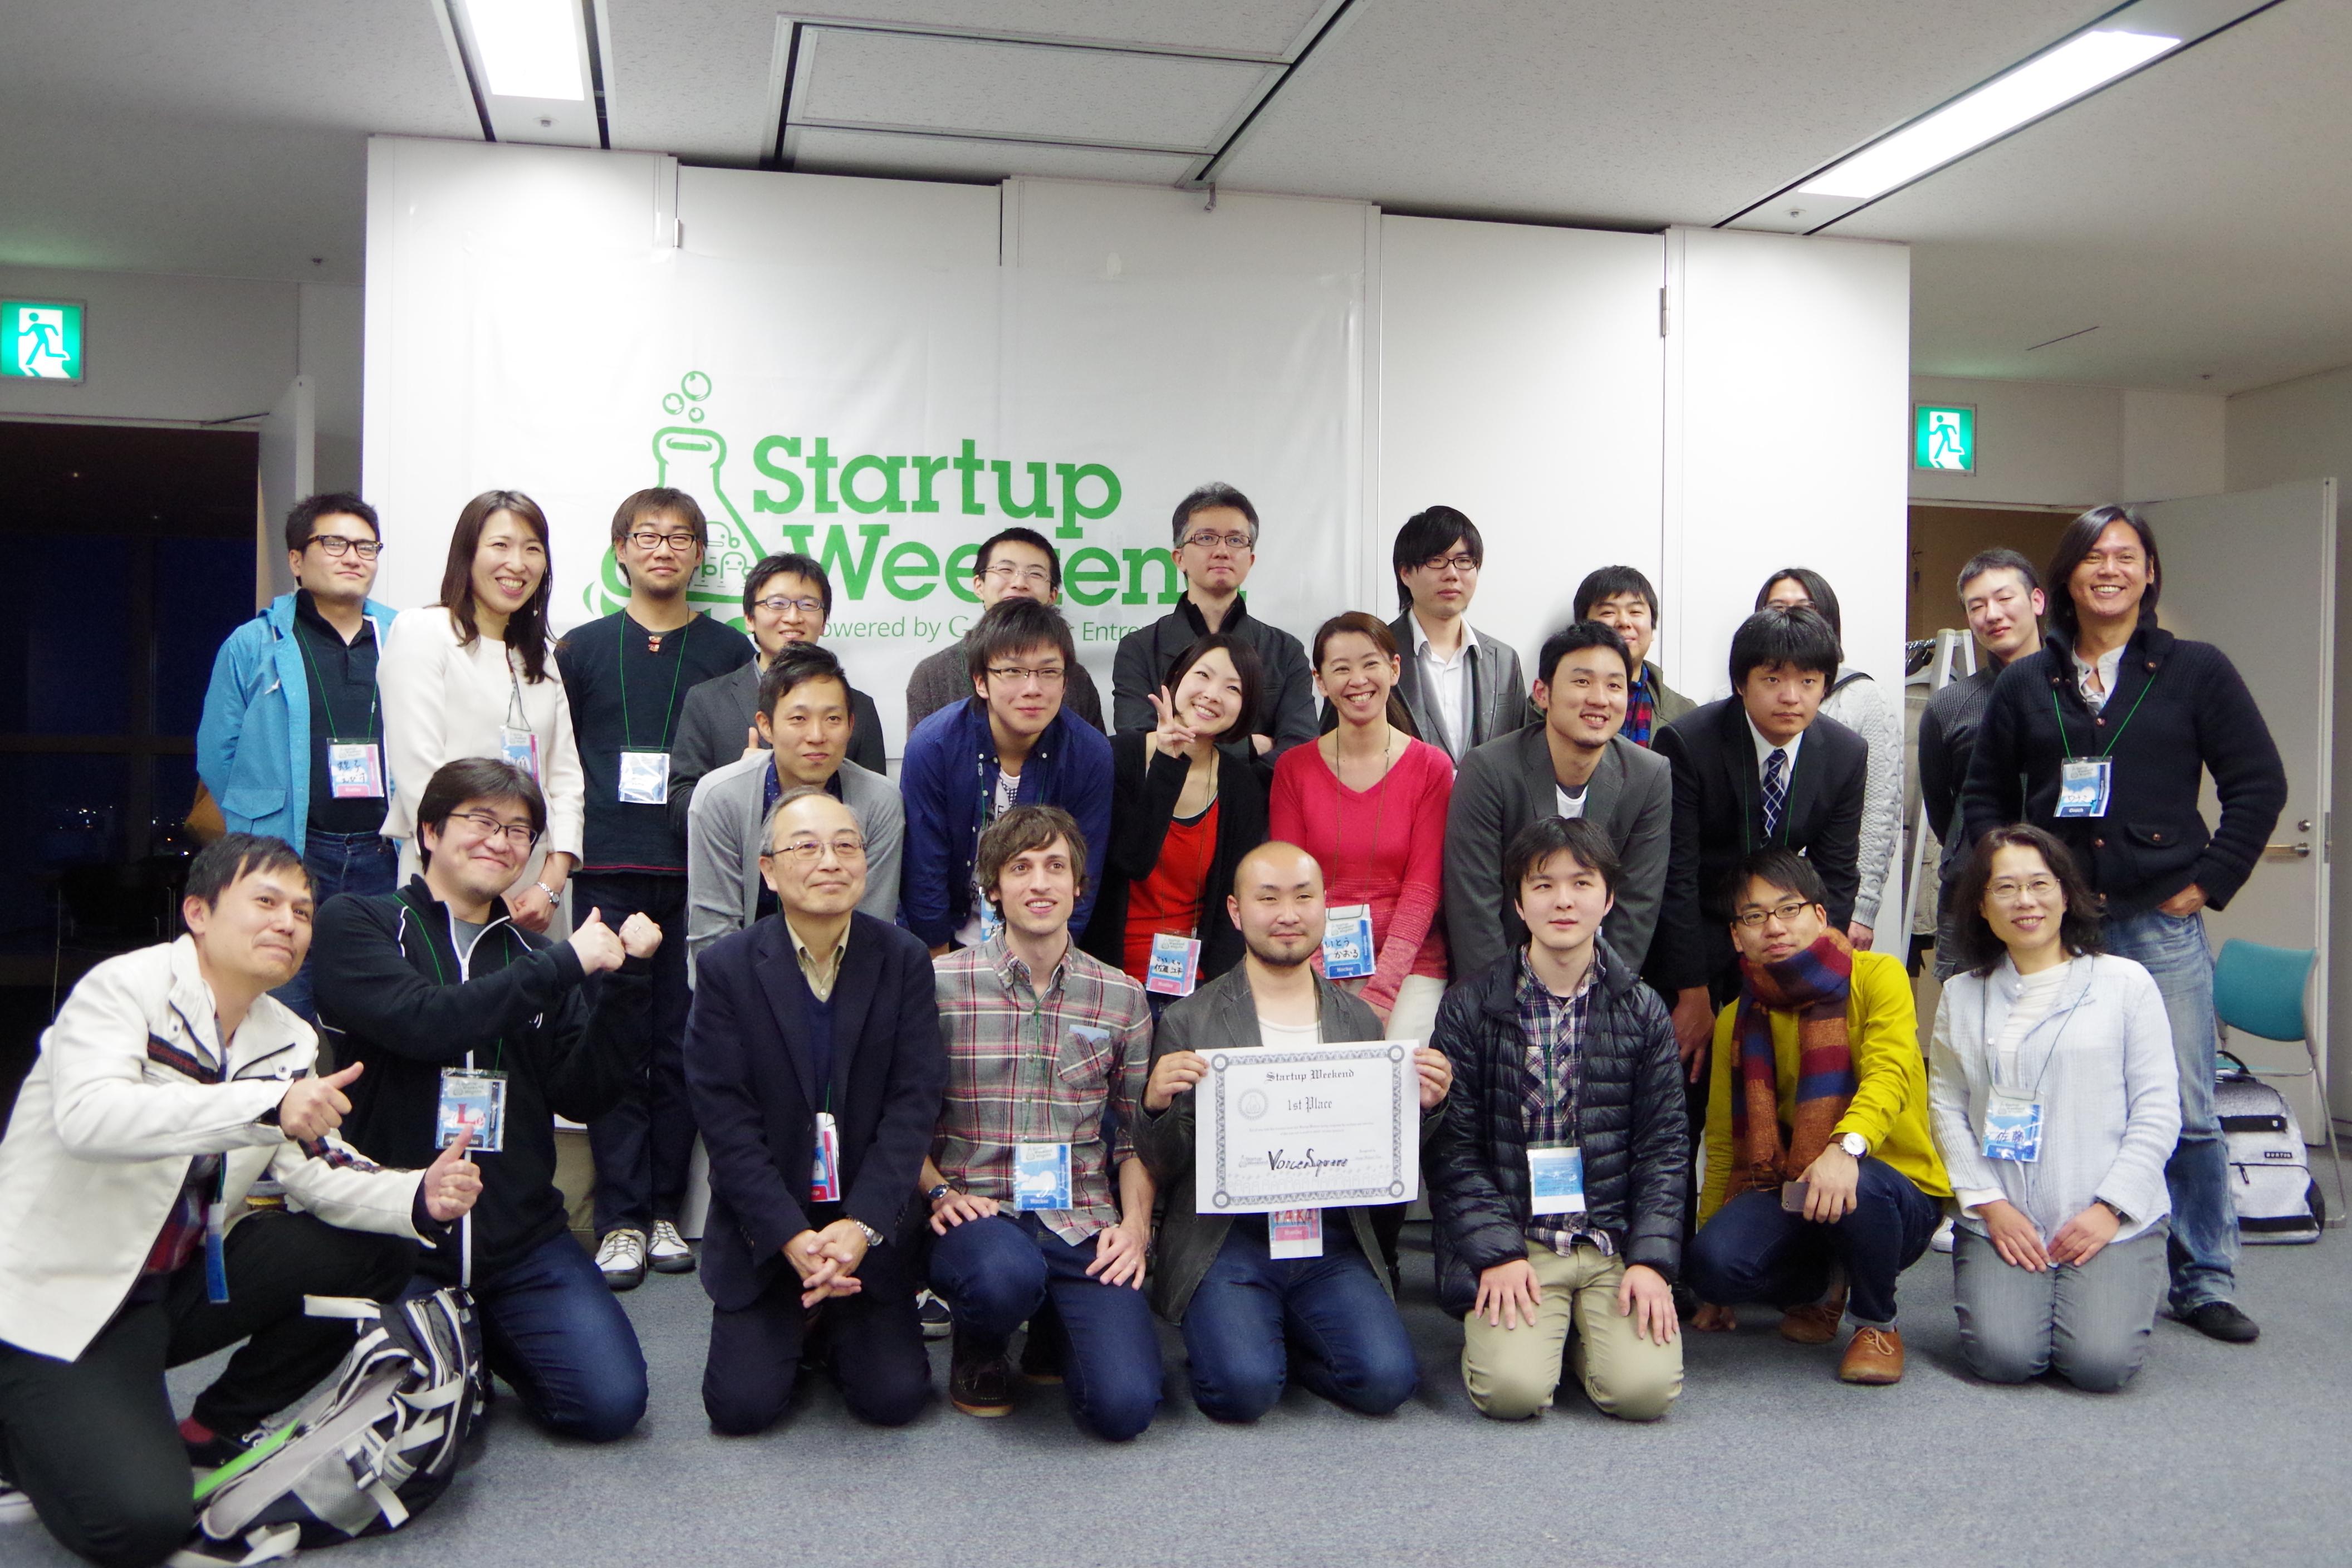 3日で起業!?新潟初開催の起業イベント「Startup Weekend Niigata」を見学してきた